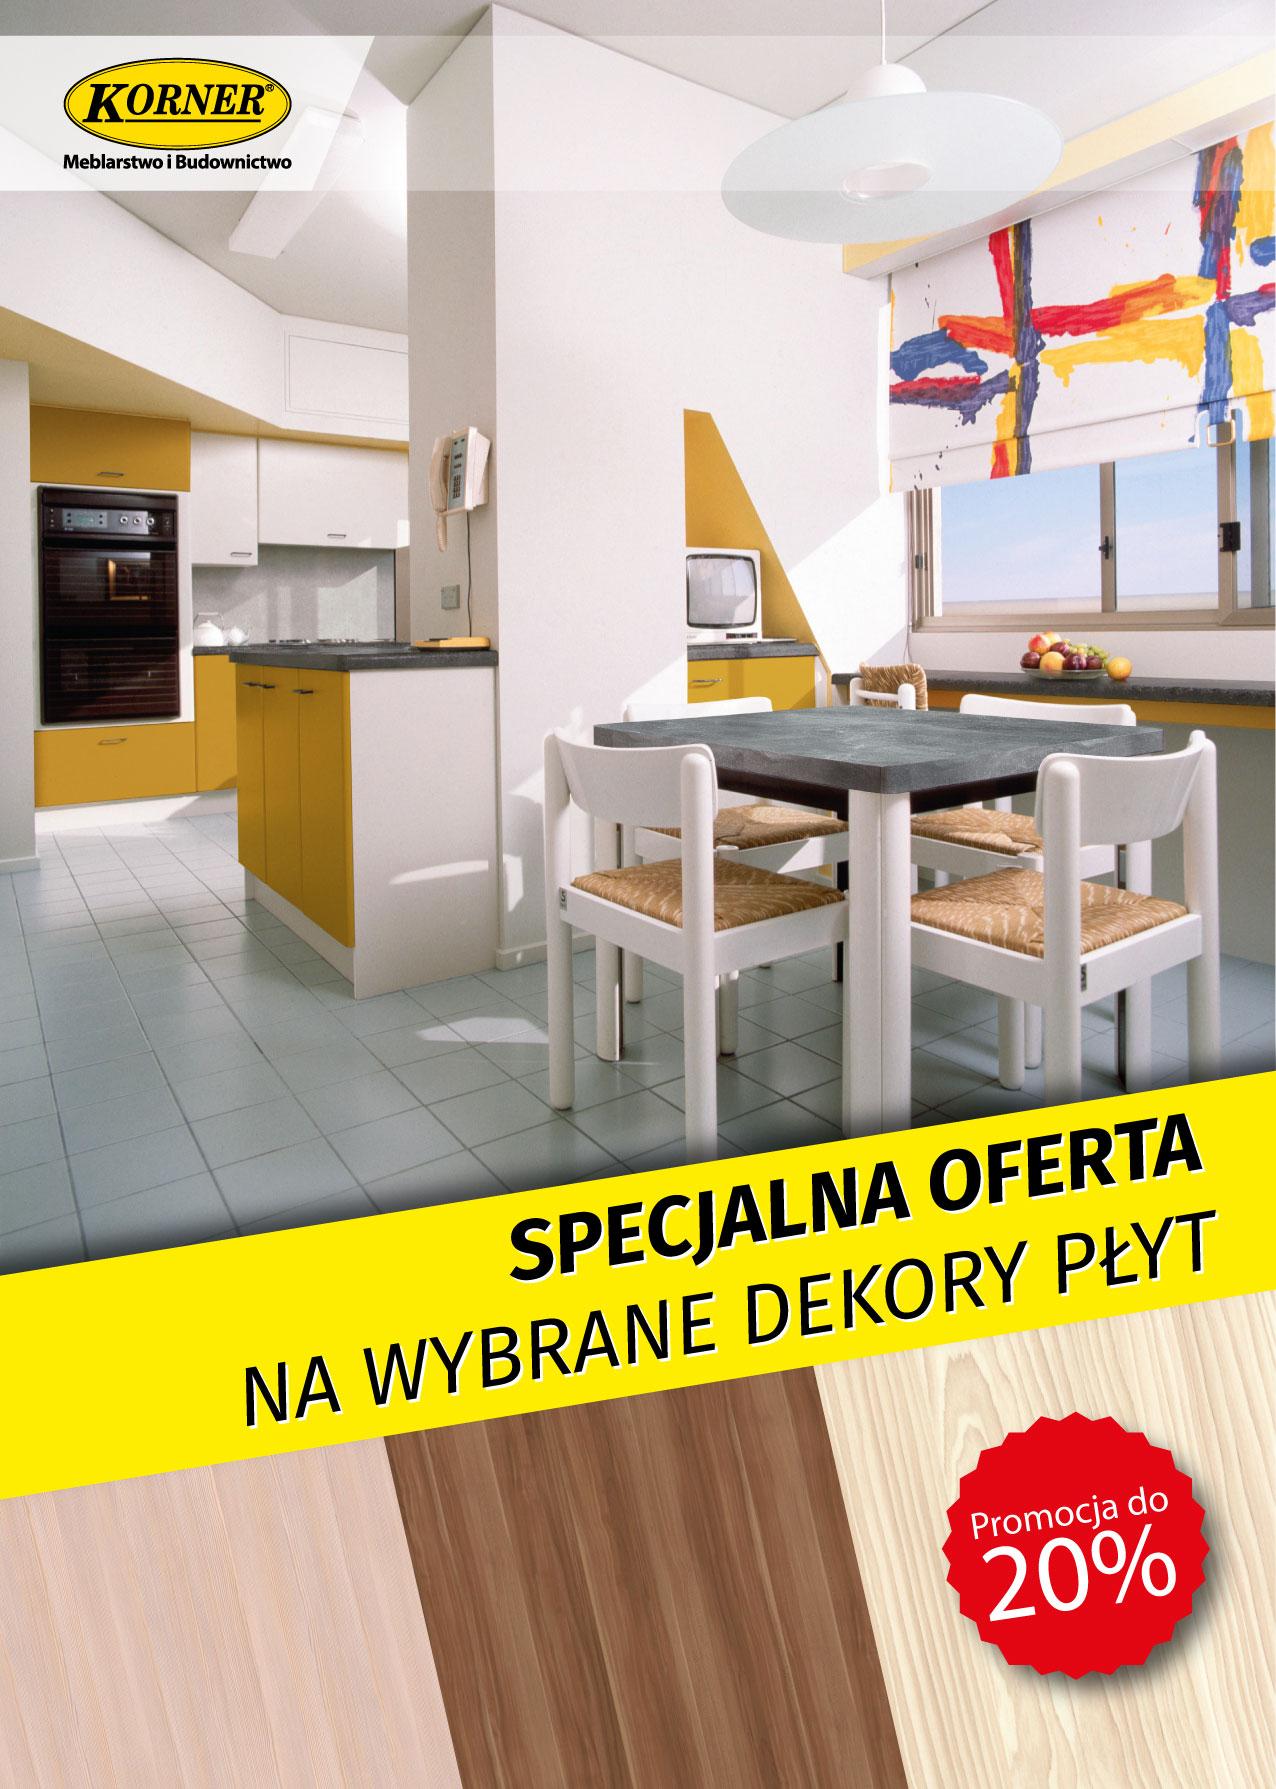 specjalna-oferta-na-wybrane-dekory-plyt-1